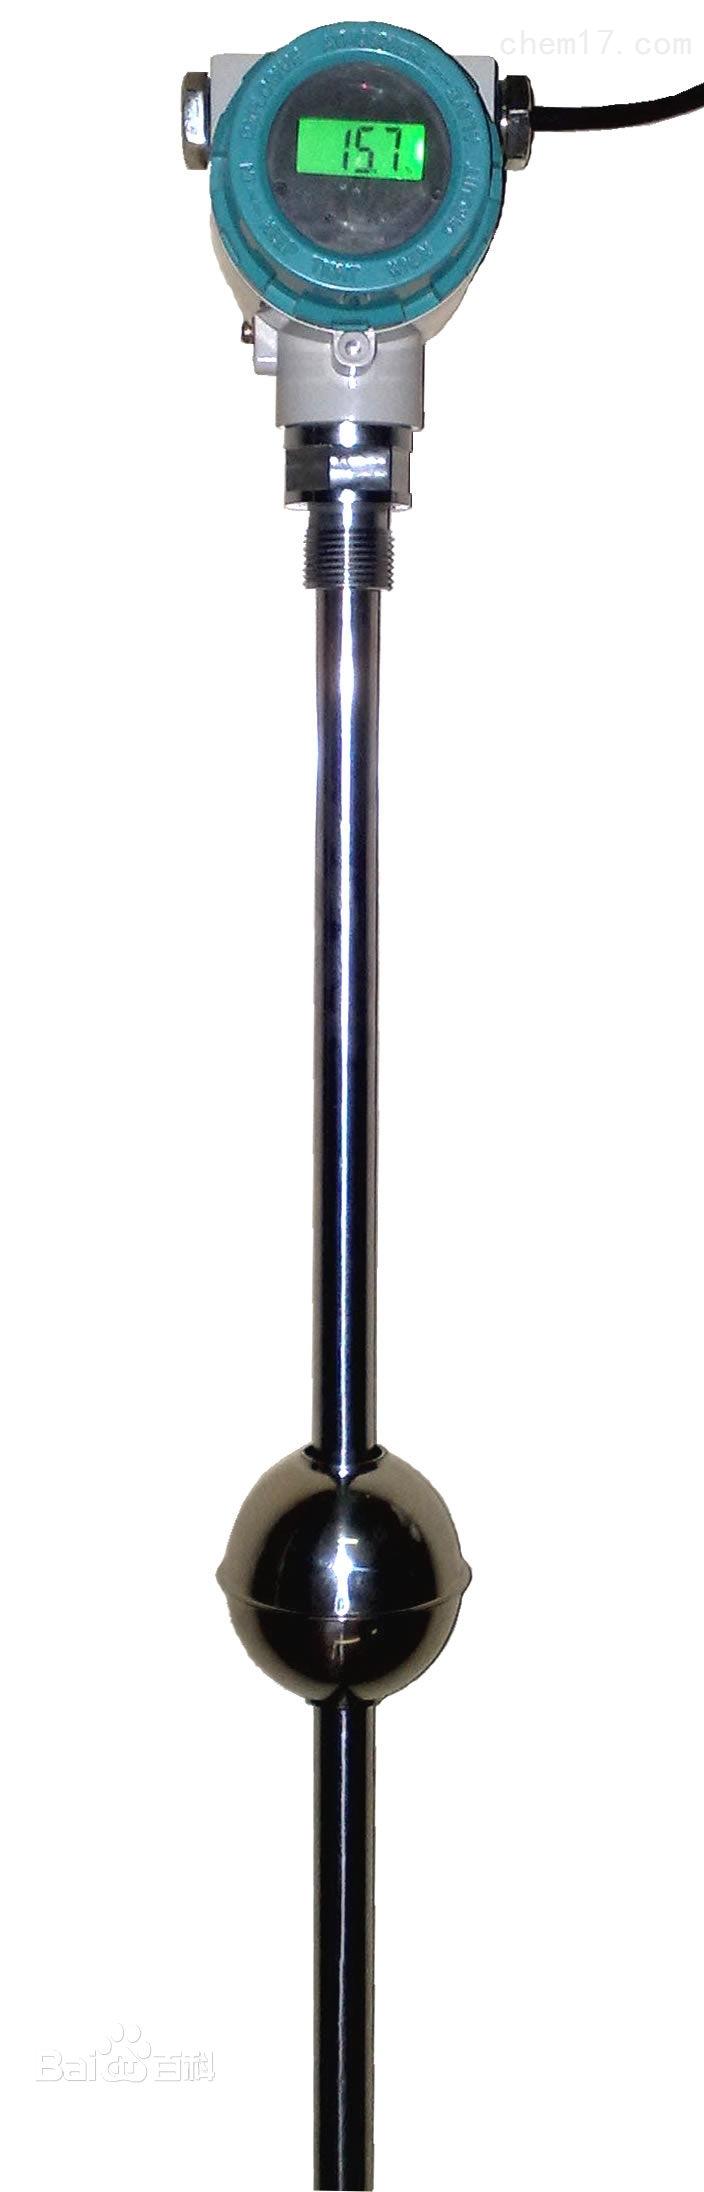 磁致伸缩液位计技能